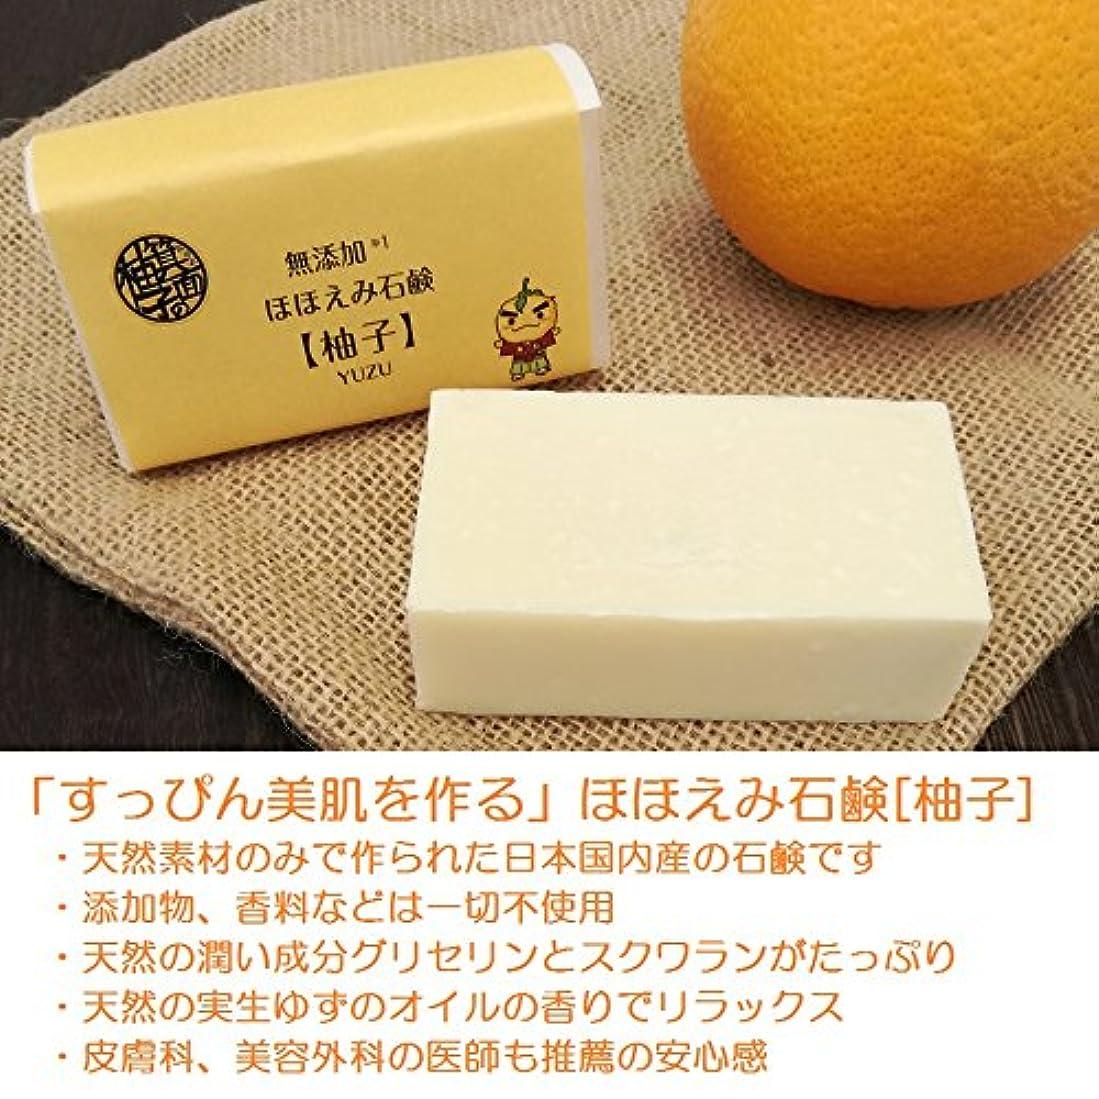 役職ロボットコンテストすっぴん美肌を作る ほほえみ石鹸 柚子 オリーブオイル 無添加 オーガニック 日本製 80g